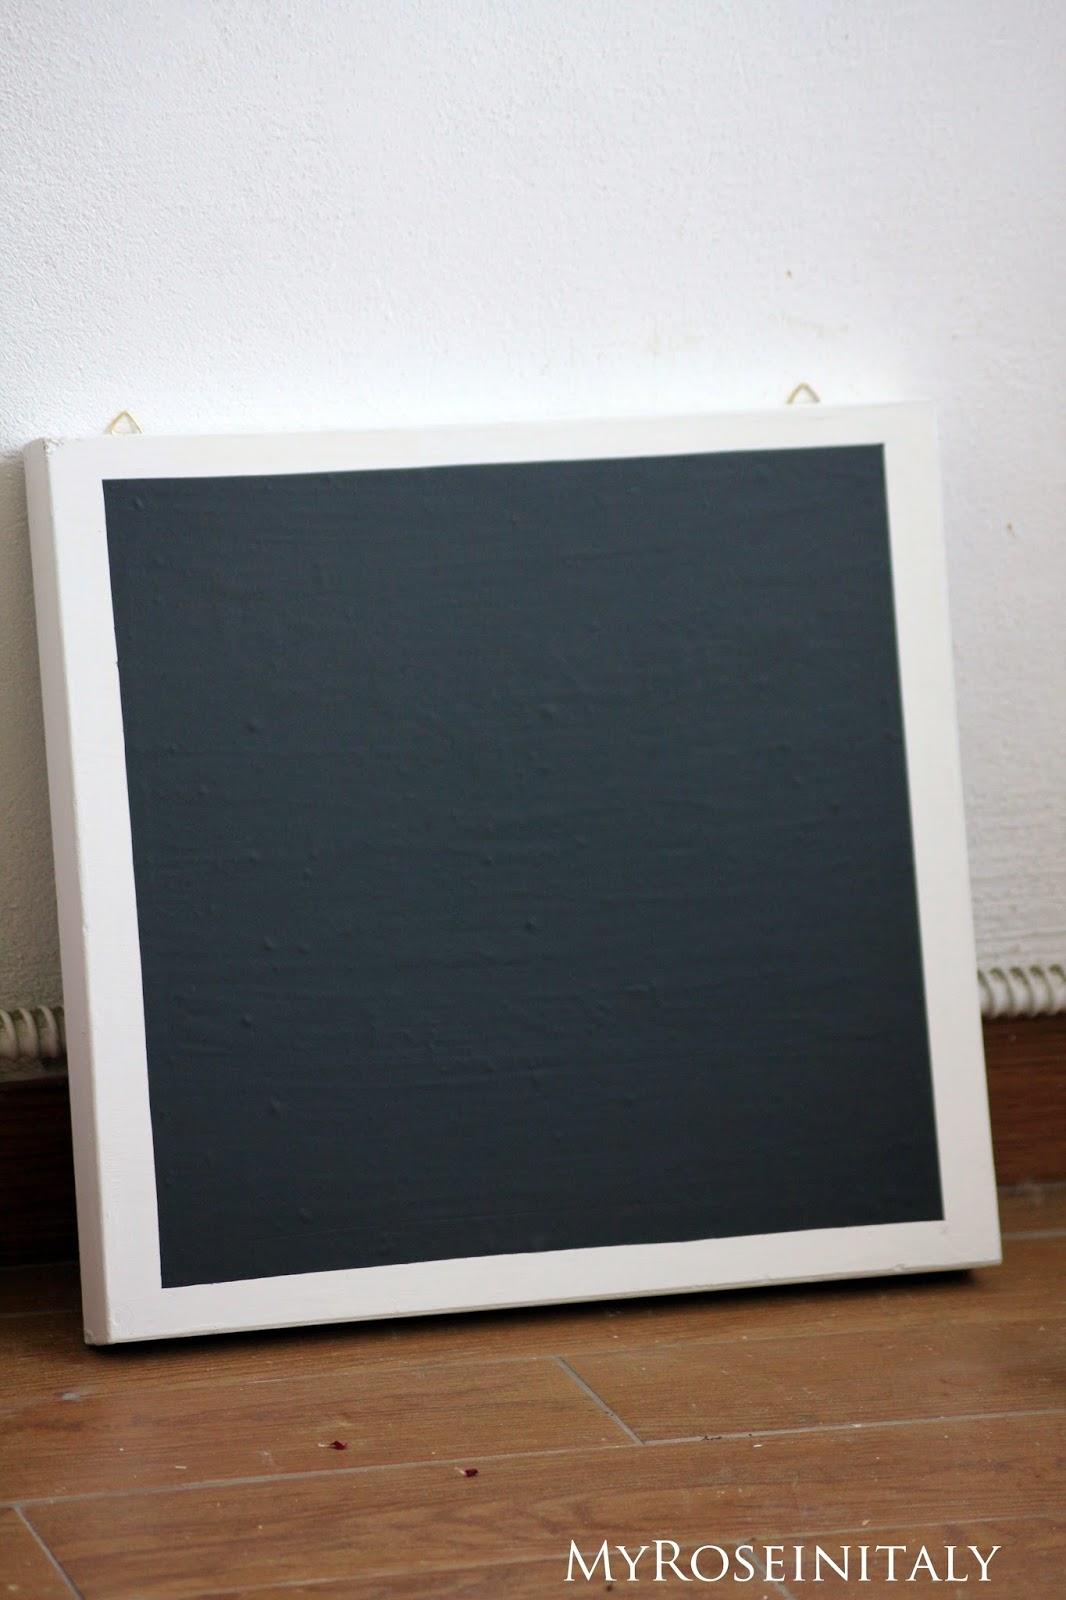 My RoseinItaly: Lavagna copri quadro elettrico